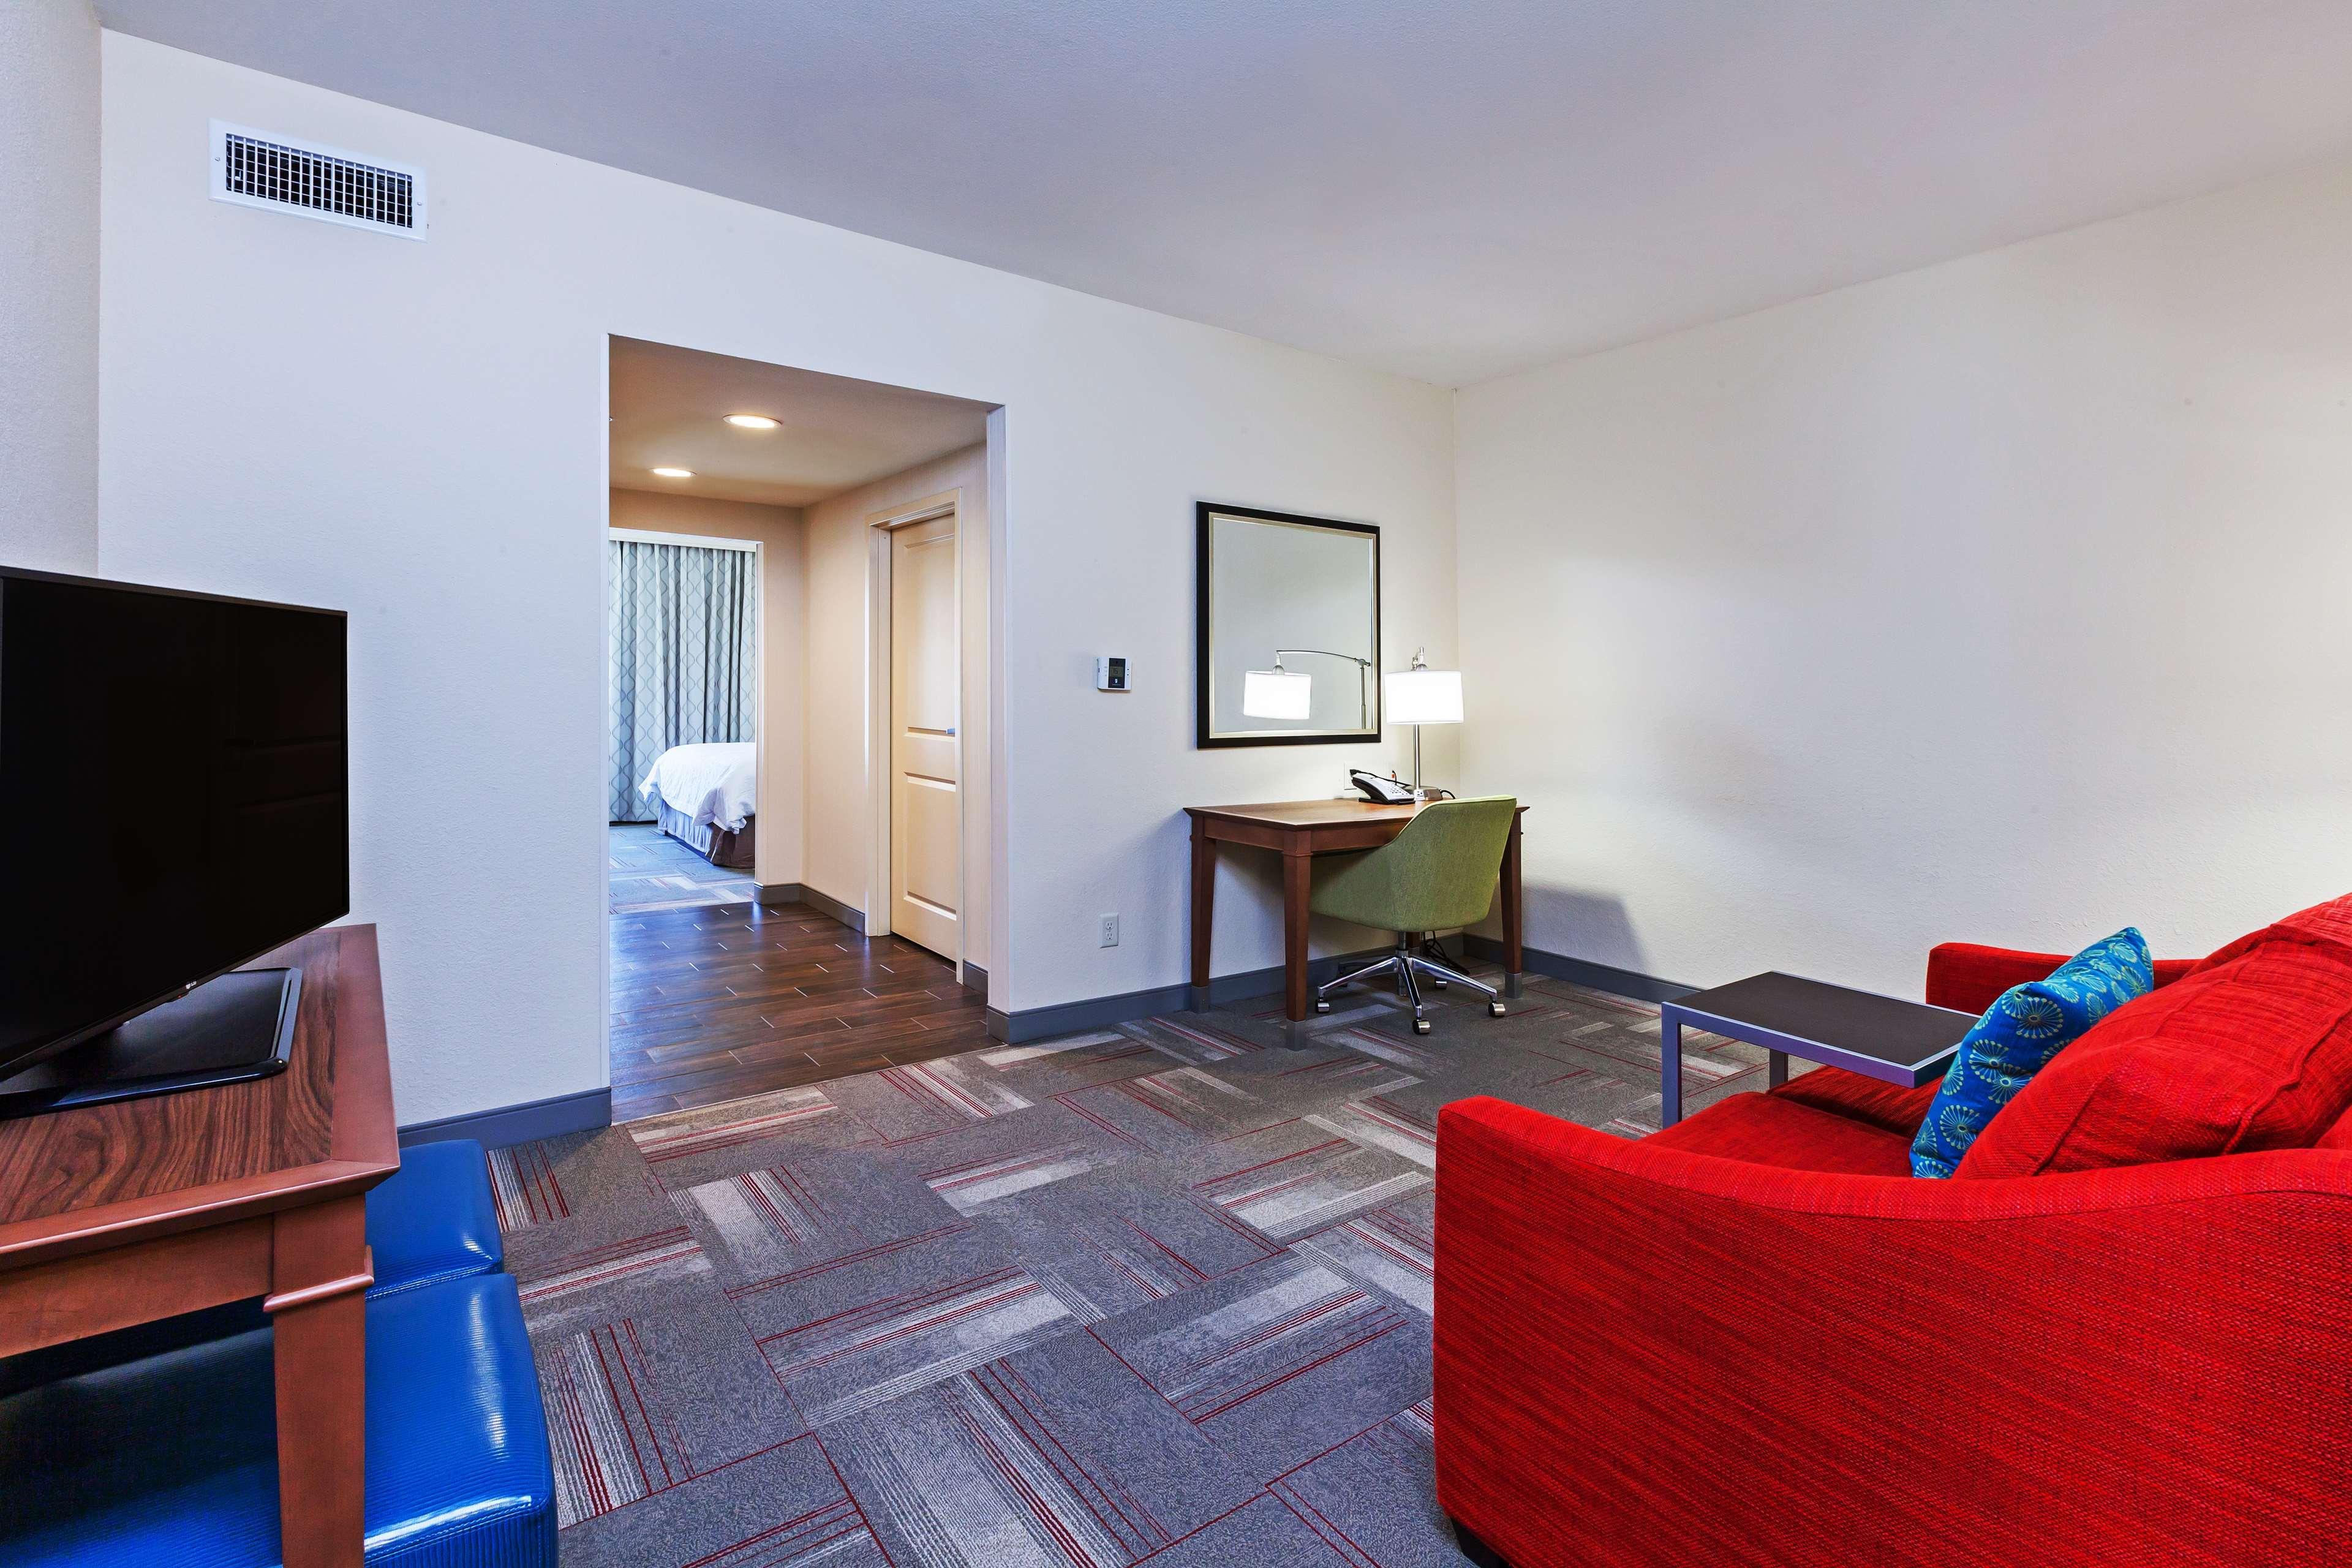 Hampton Inn & Suites Claremore image 15